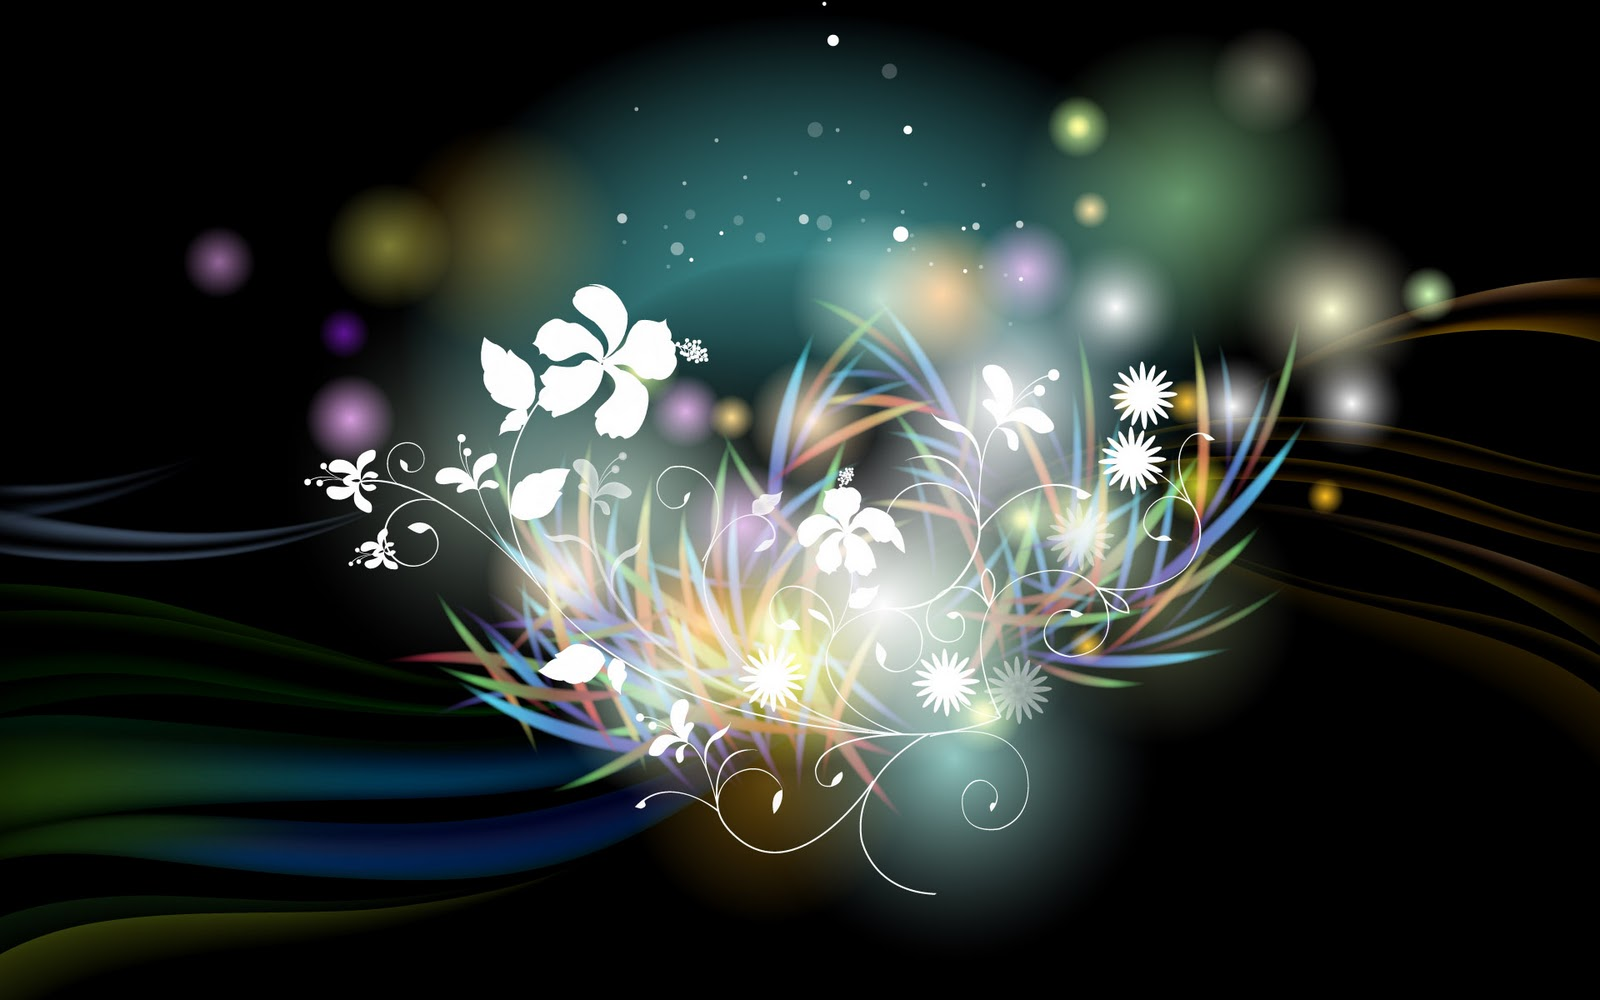 http://2.bp.blogspot.com/-jQBlDln-lUM/TpWUGWfmXzI/AAAAAAAAQdg/aN1yaqoSIQk/s1600/Abstract+Shape+HD+Wallpaper+Set+3+%25284%2529.jpg